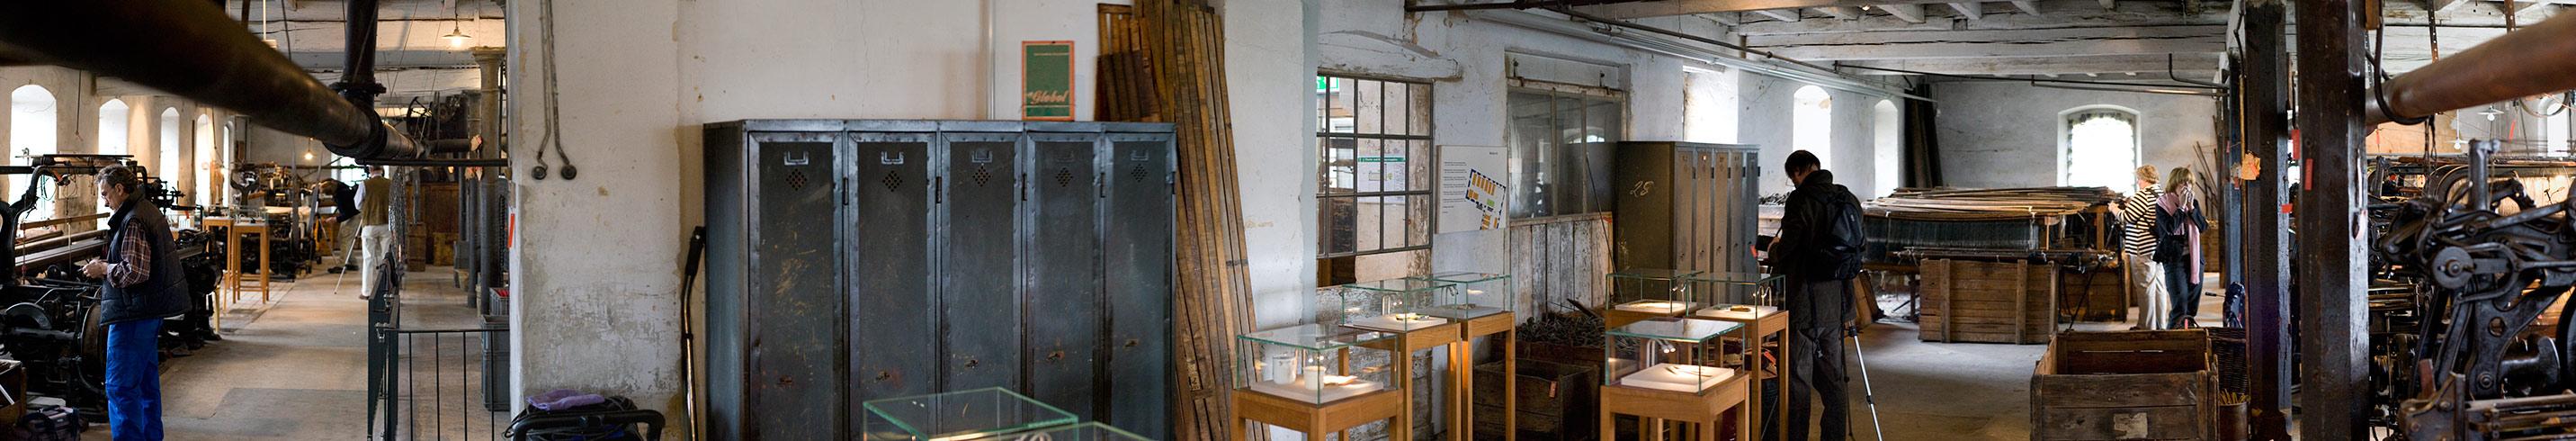 Fototour Alte Tuchfabrik Kuchenheim